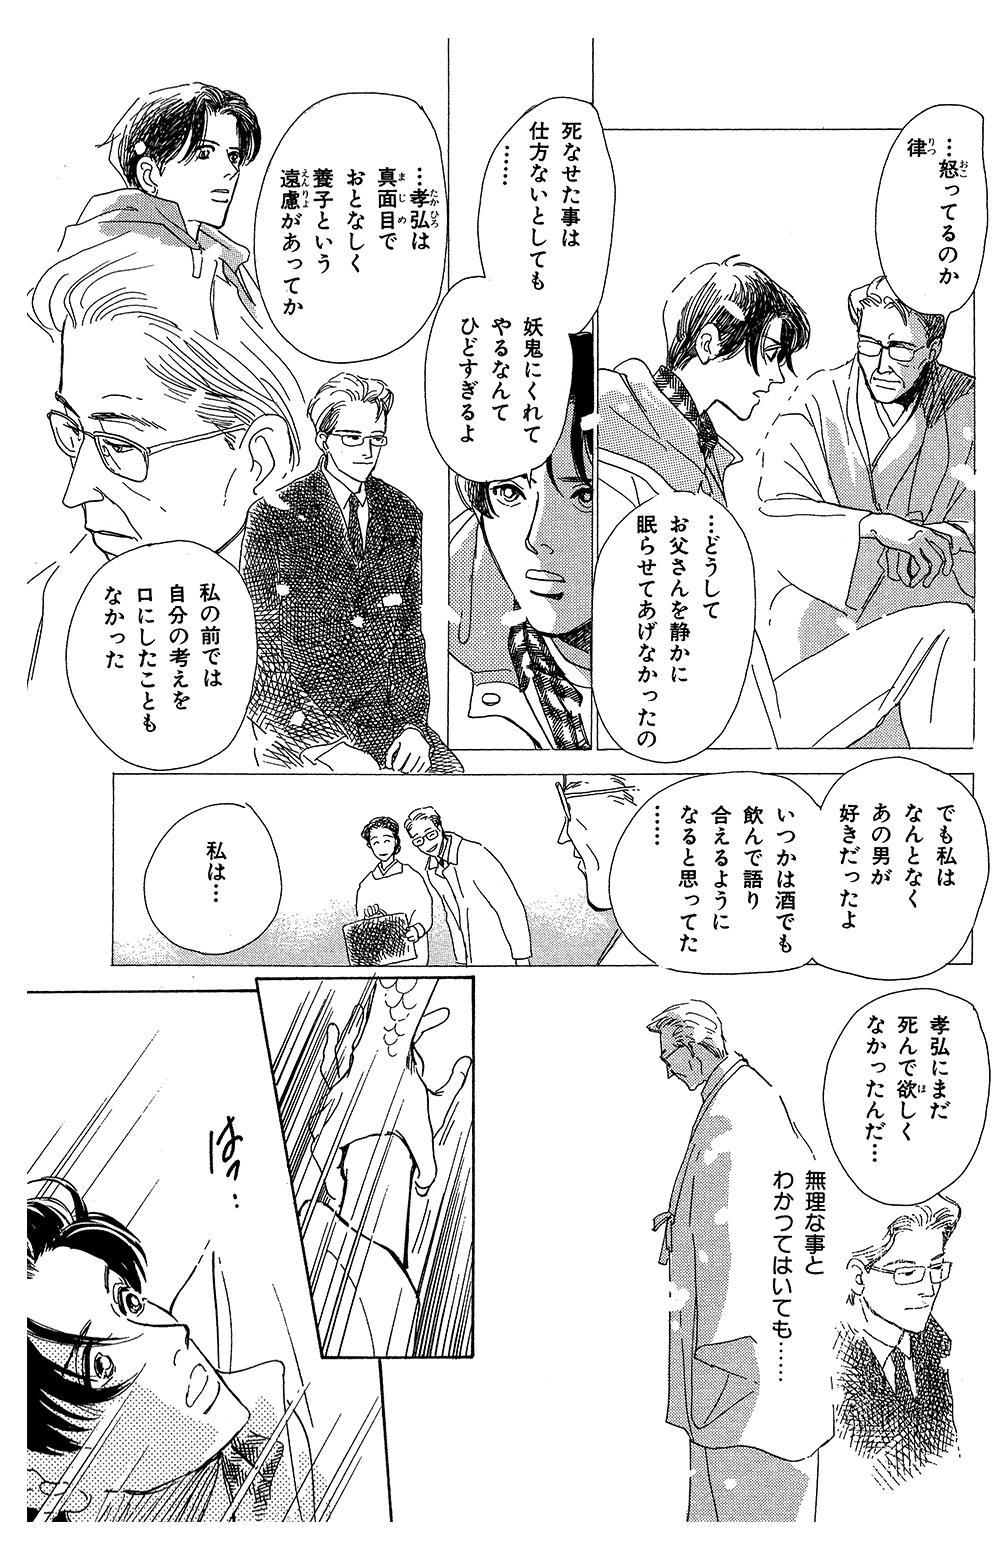 百鬼夜行抄 第1話「闇からの呼び声」⑤hyakki1-5-10.jpg